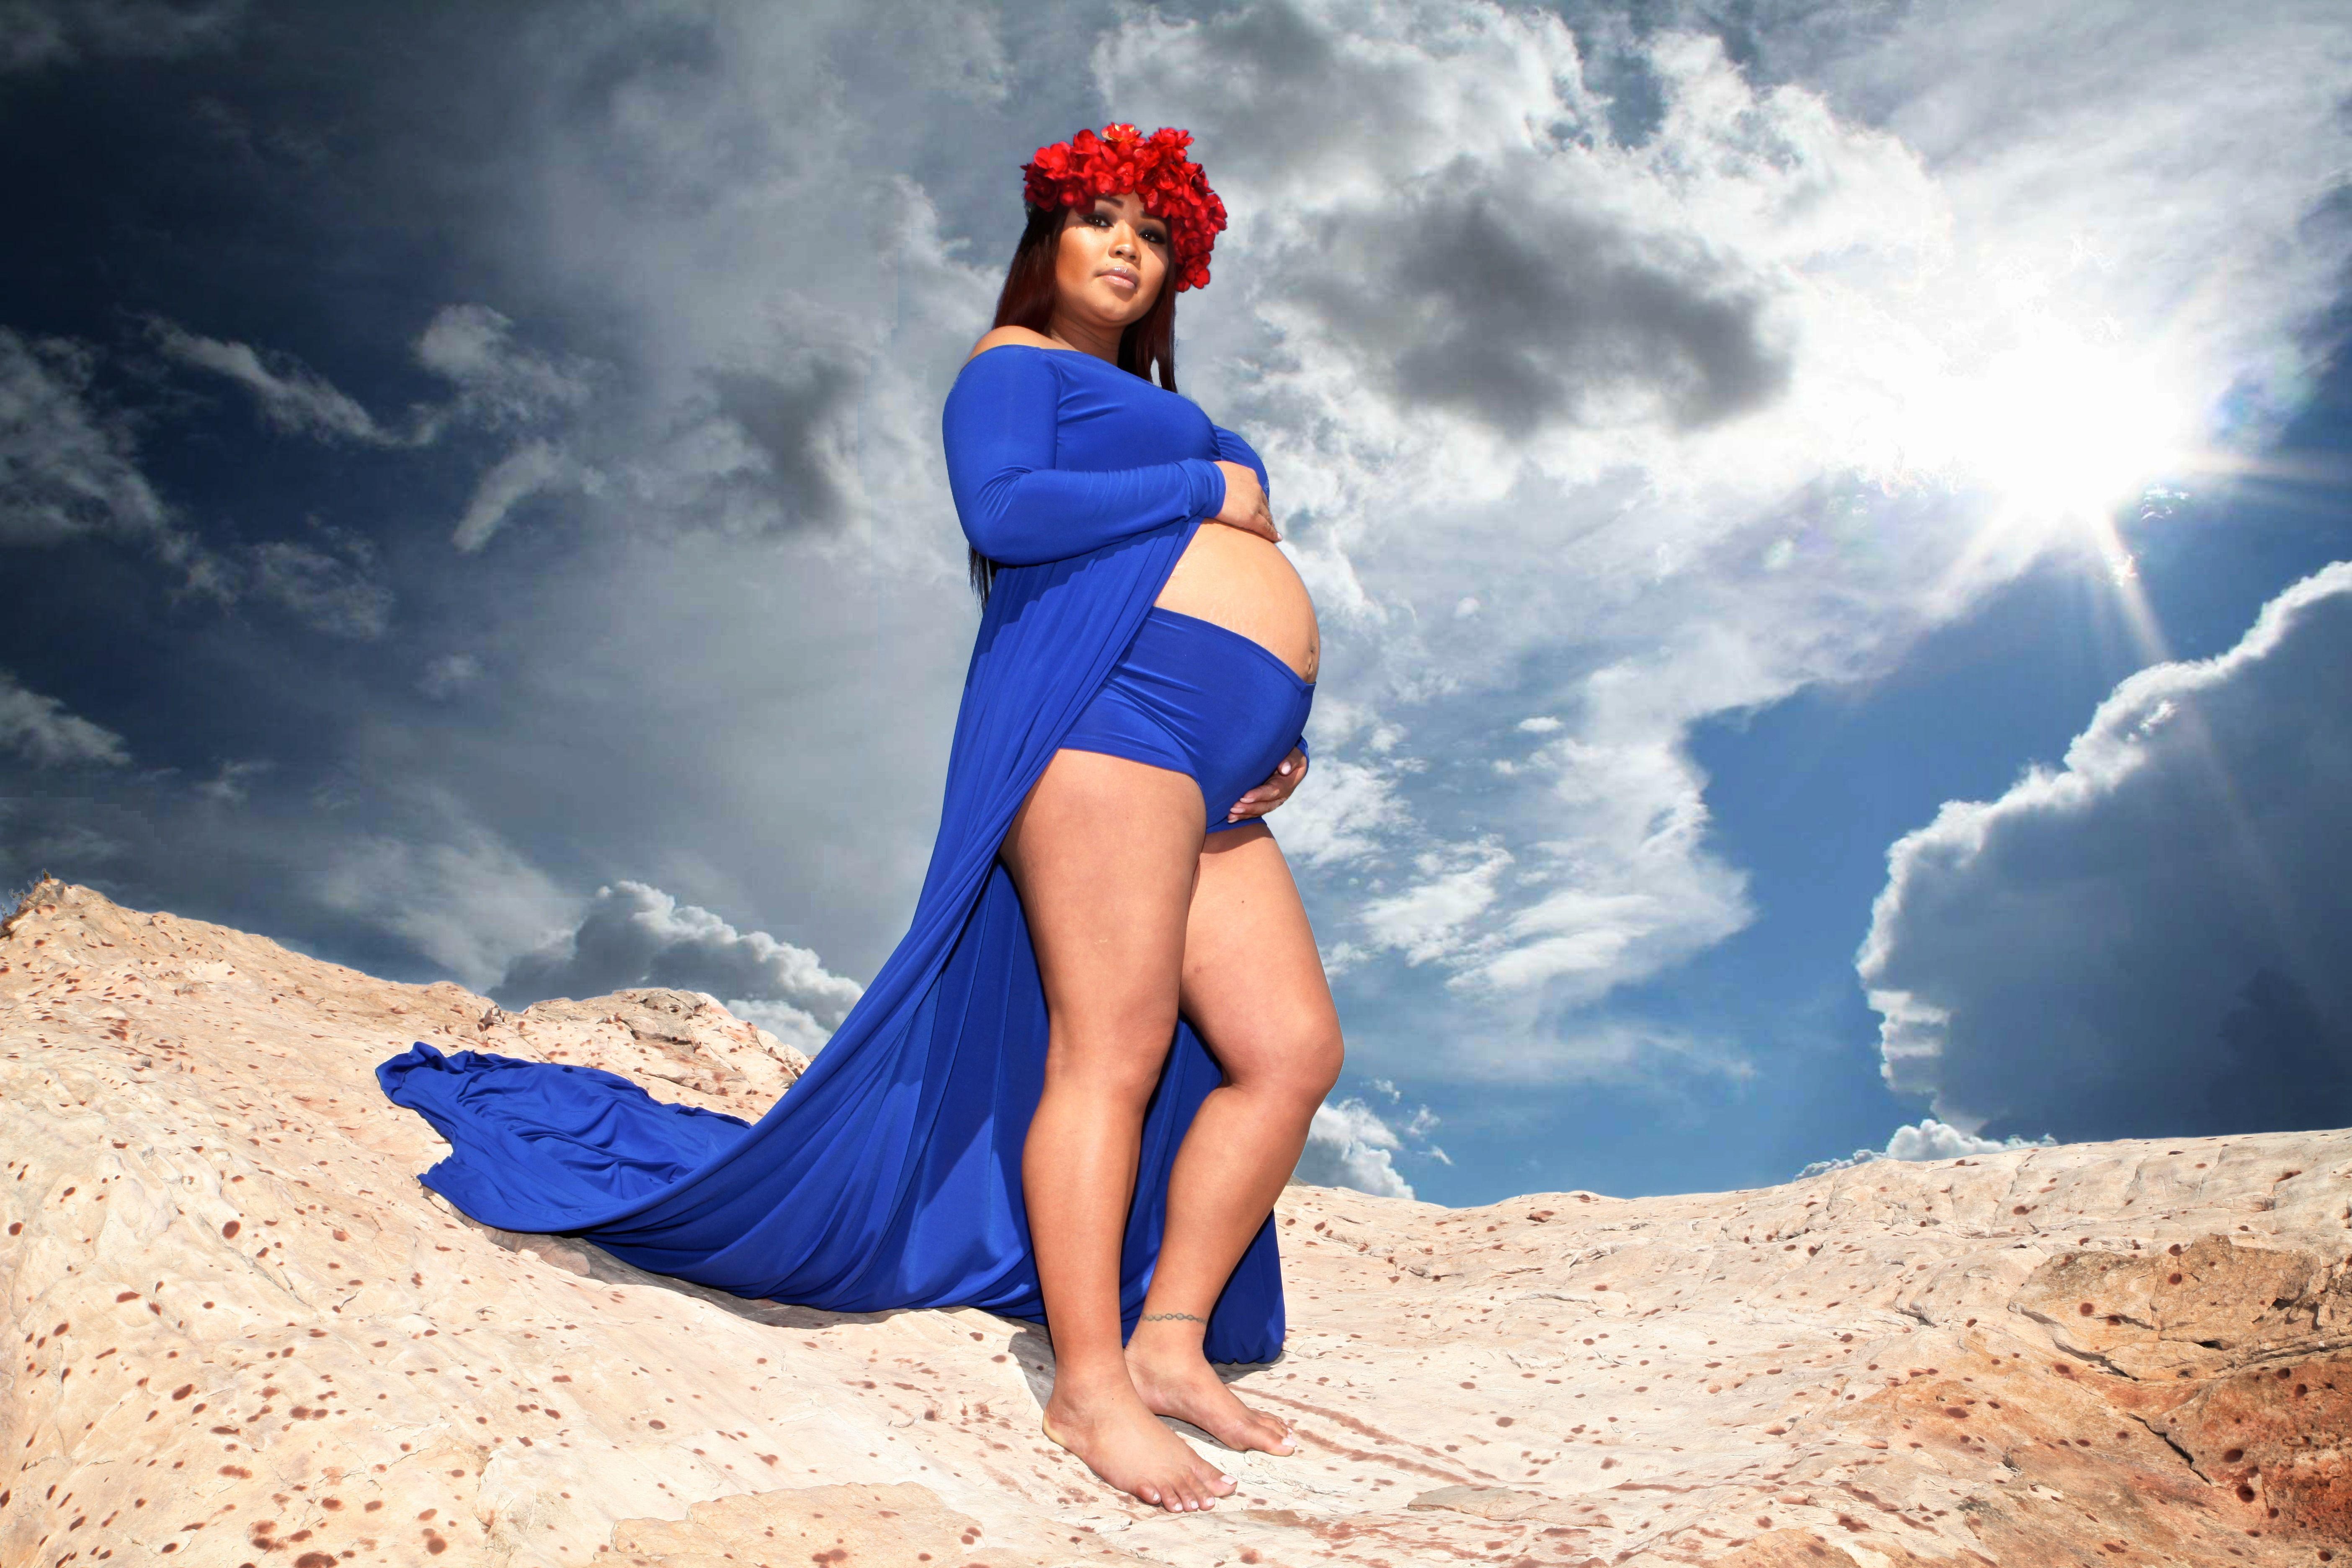 14+ Open belly maternity dress ideas in 2021